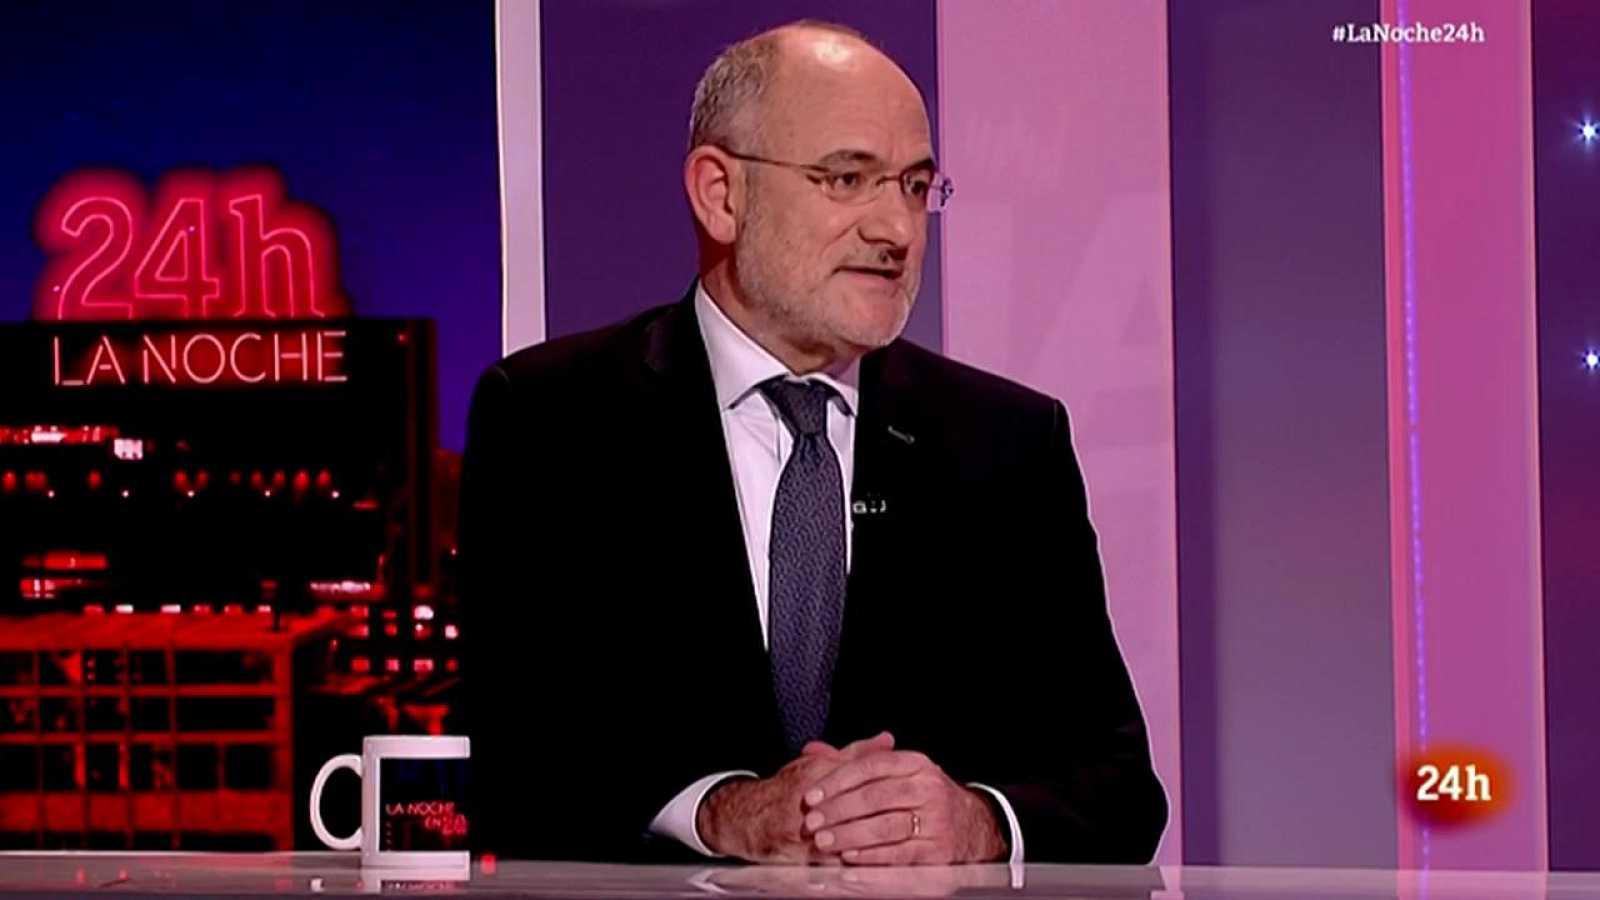 """Portavoz del Parlamento Europeo: """"Hemos cometido errores en la pandemia, pero ahora se ven los frutos de una gestión comunitaria"""""""